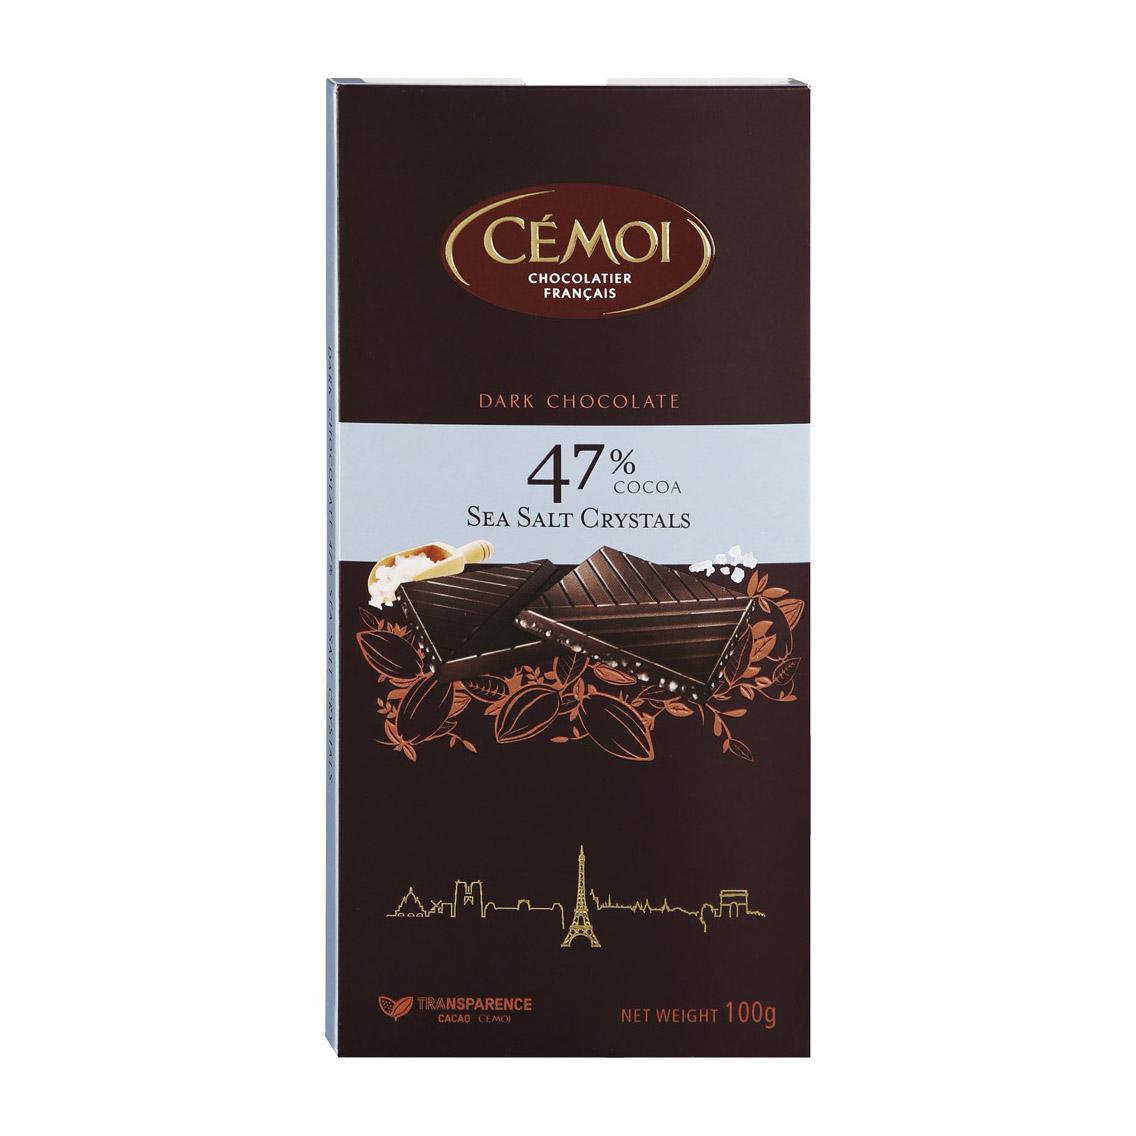 шоколад cemoi темный с карамелизированными кусочками миндаля 100 г Шоколад Cemoi горький с кристаллами морской соли 100 г